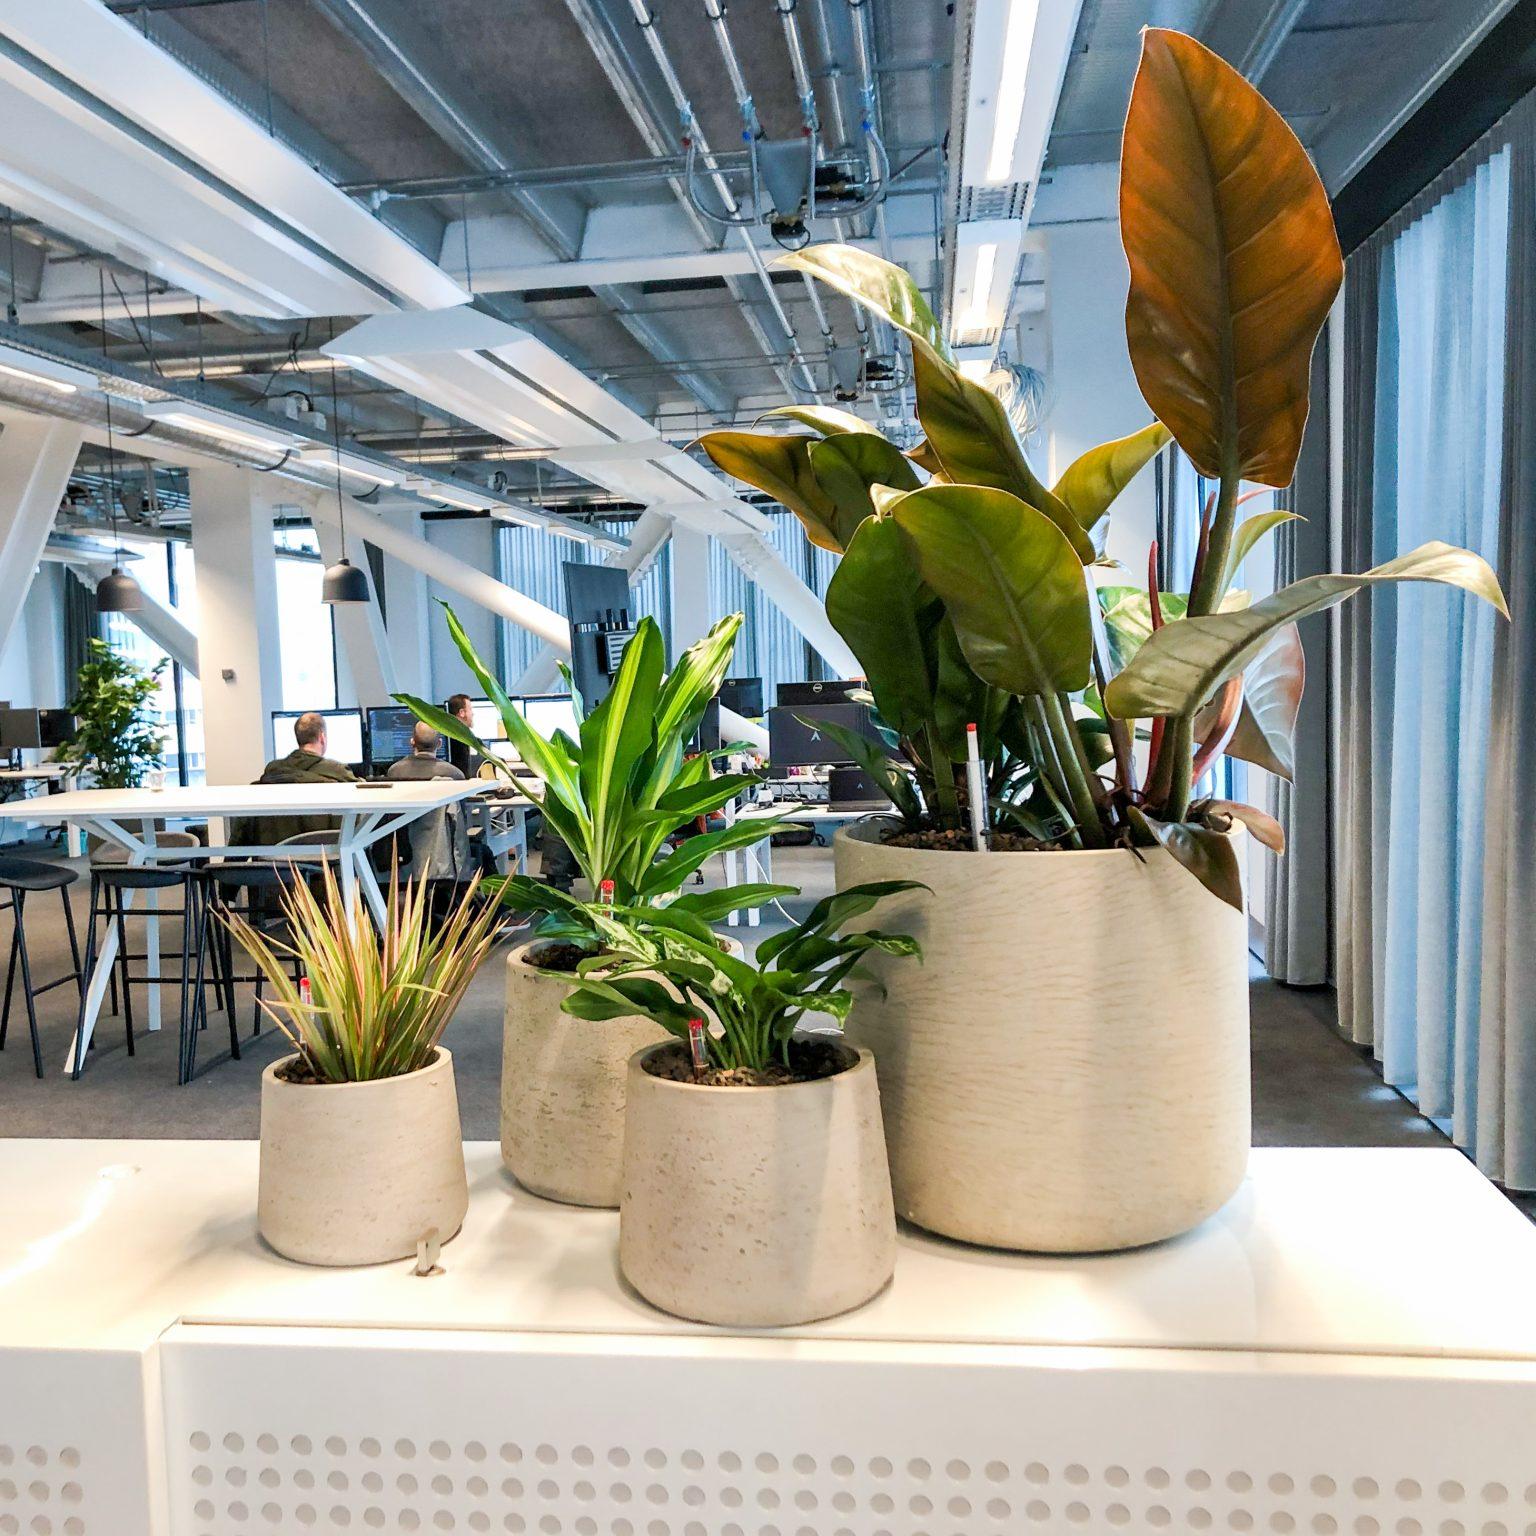 groep planten in grijze plantenbakken